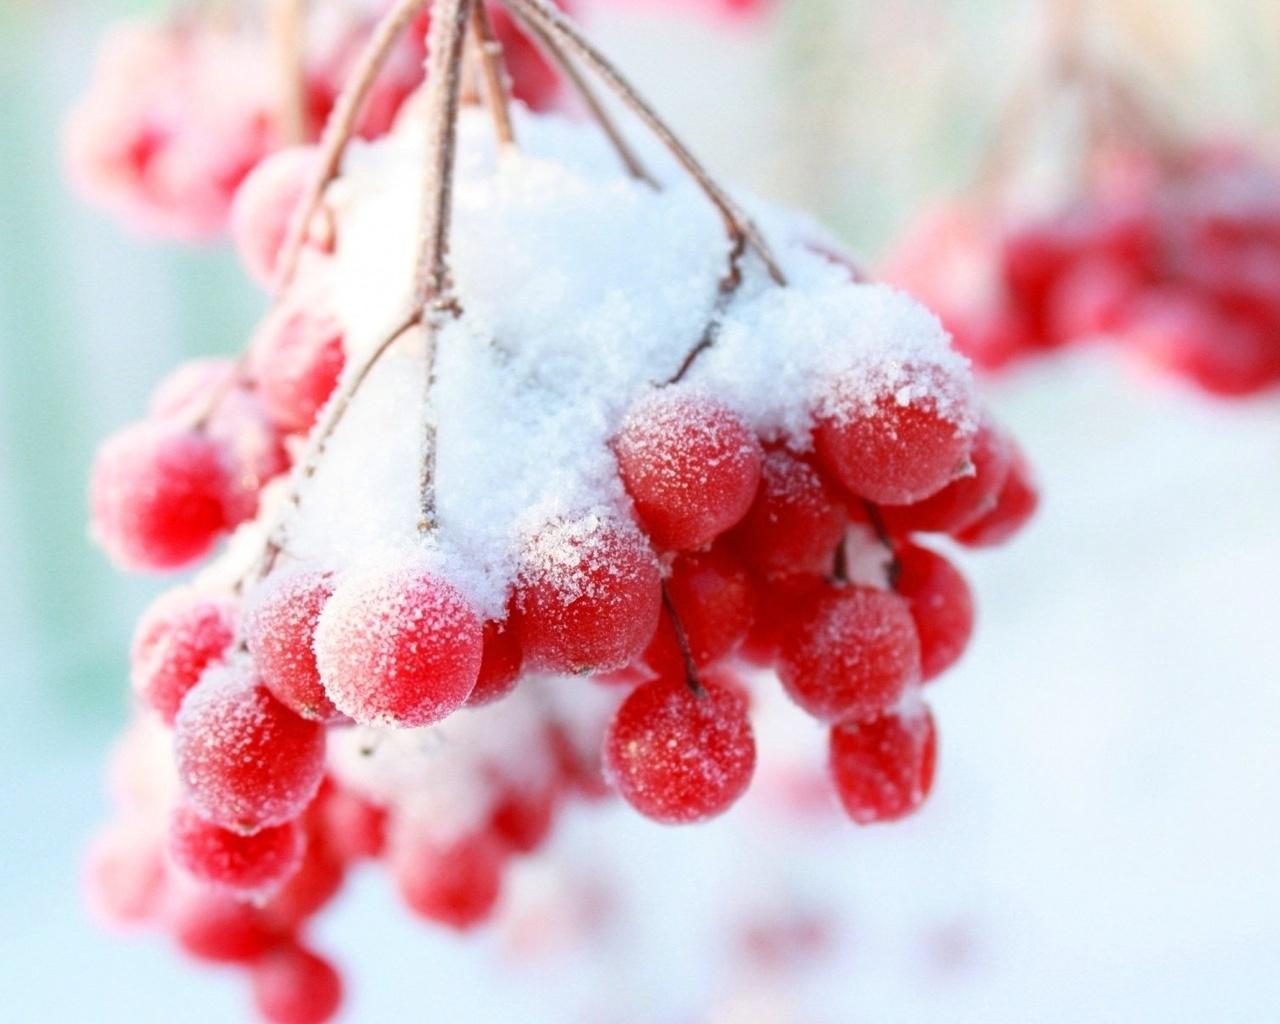 фото рябина в снегу изображение на экран что там говорить